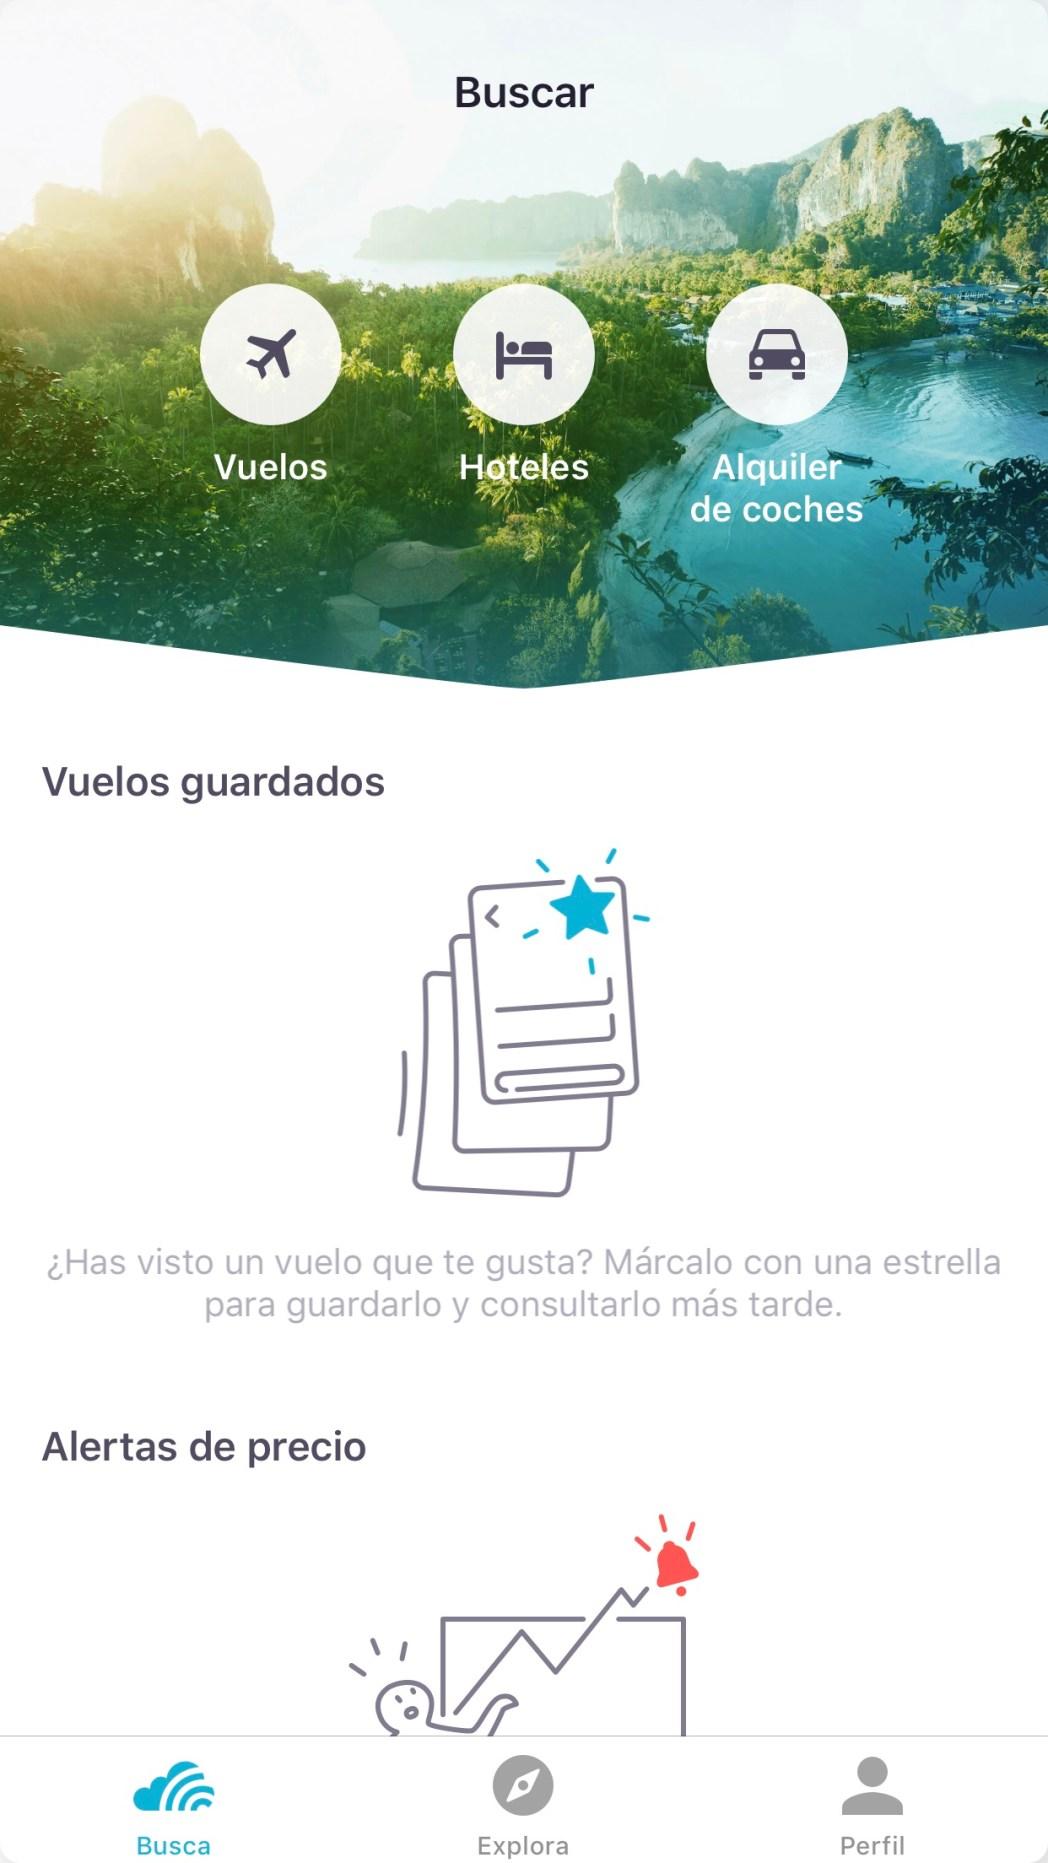 Cómo encontrar vuelos baratos con tu móvil  buscar vuelos 757bec31a70